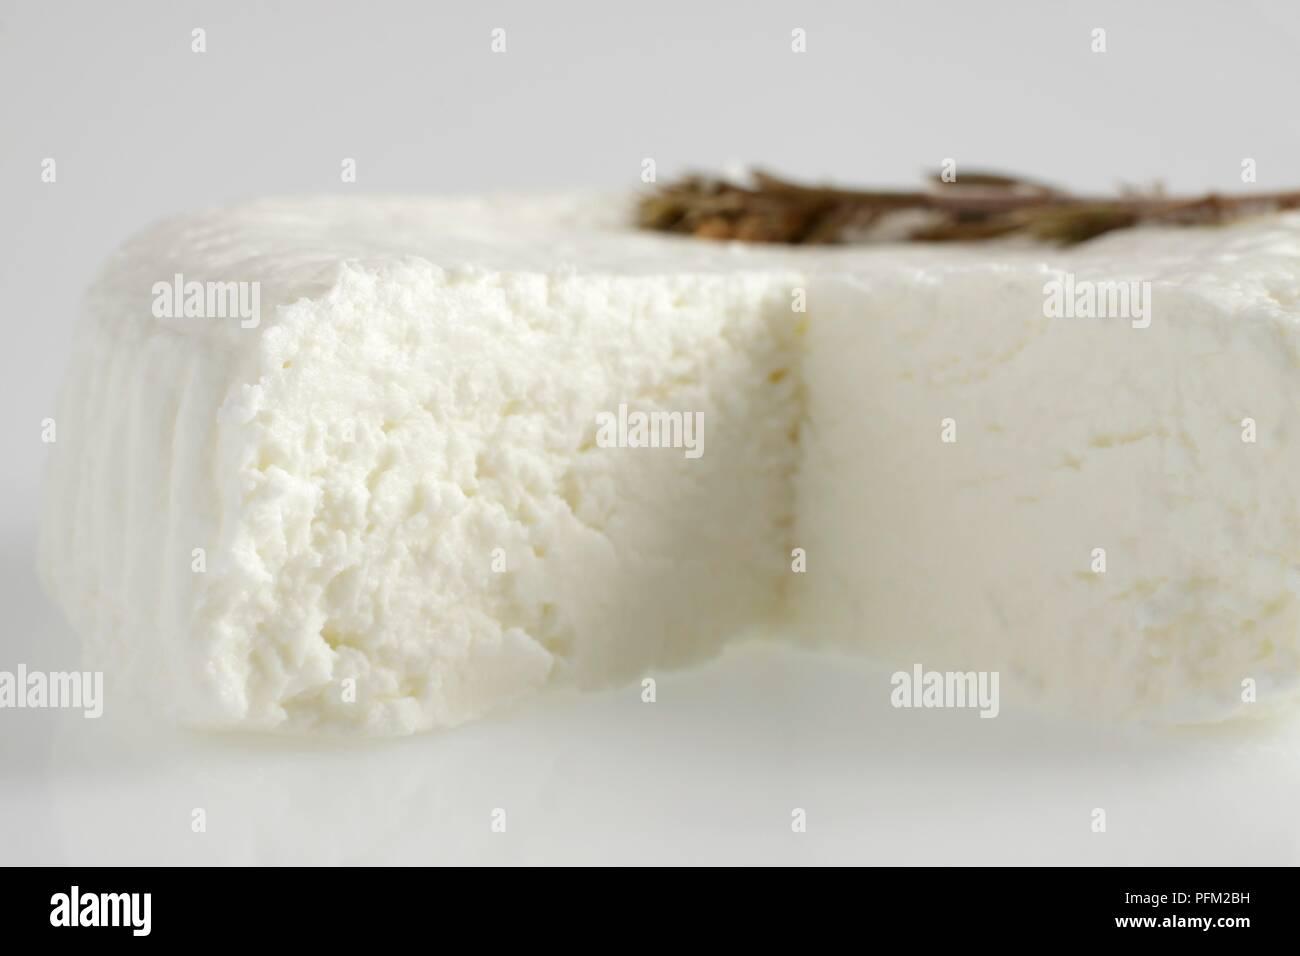 Meubles de série d'un Banon fromage de chèvre la sarriette Photo Stock